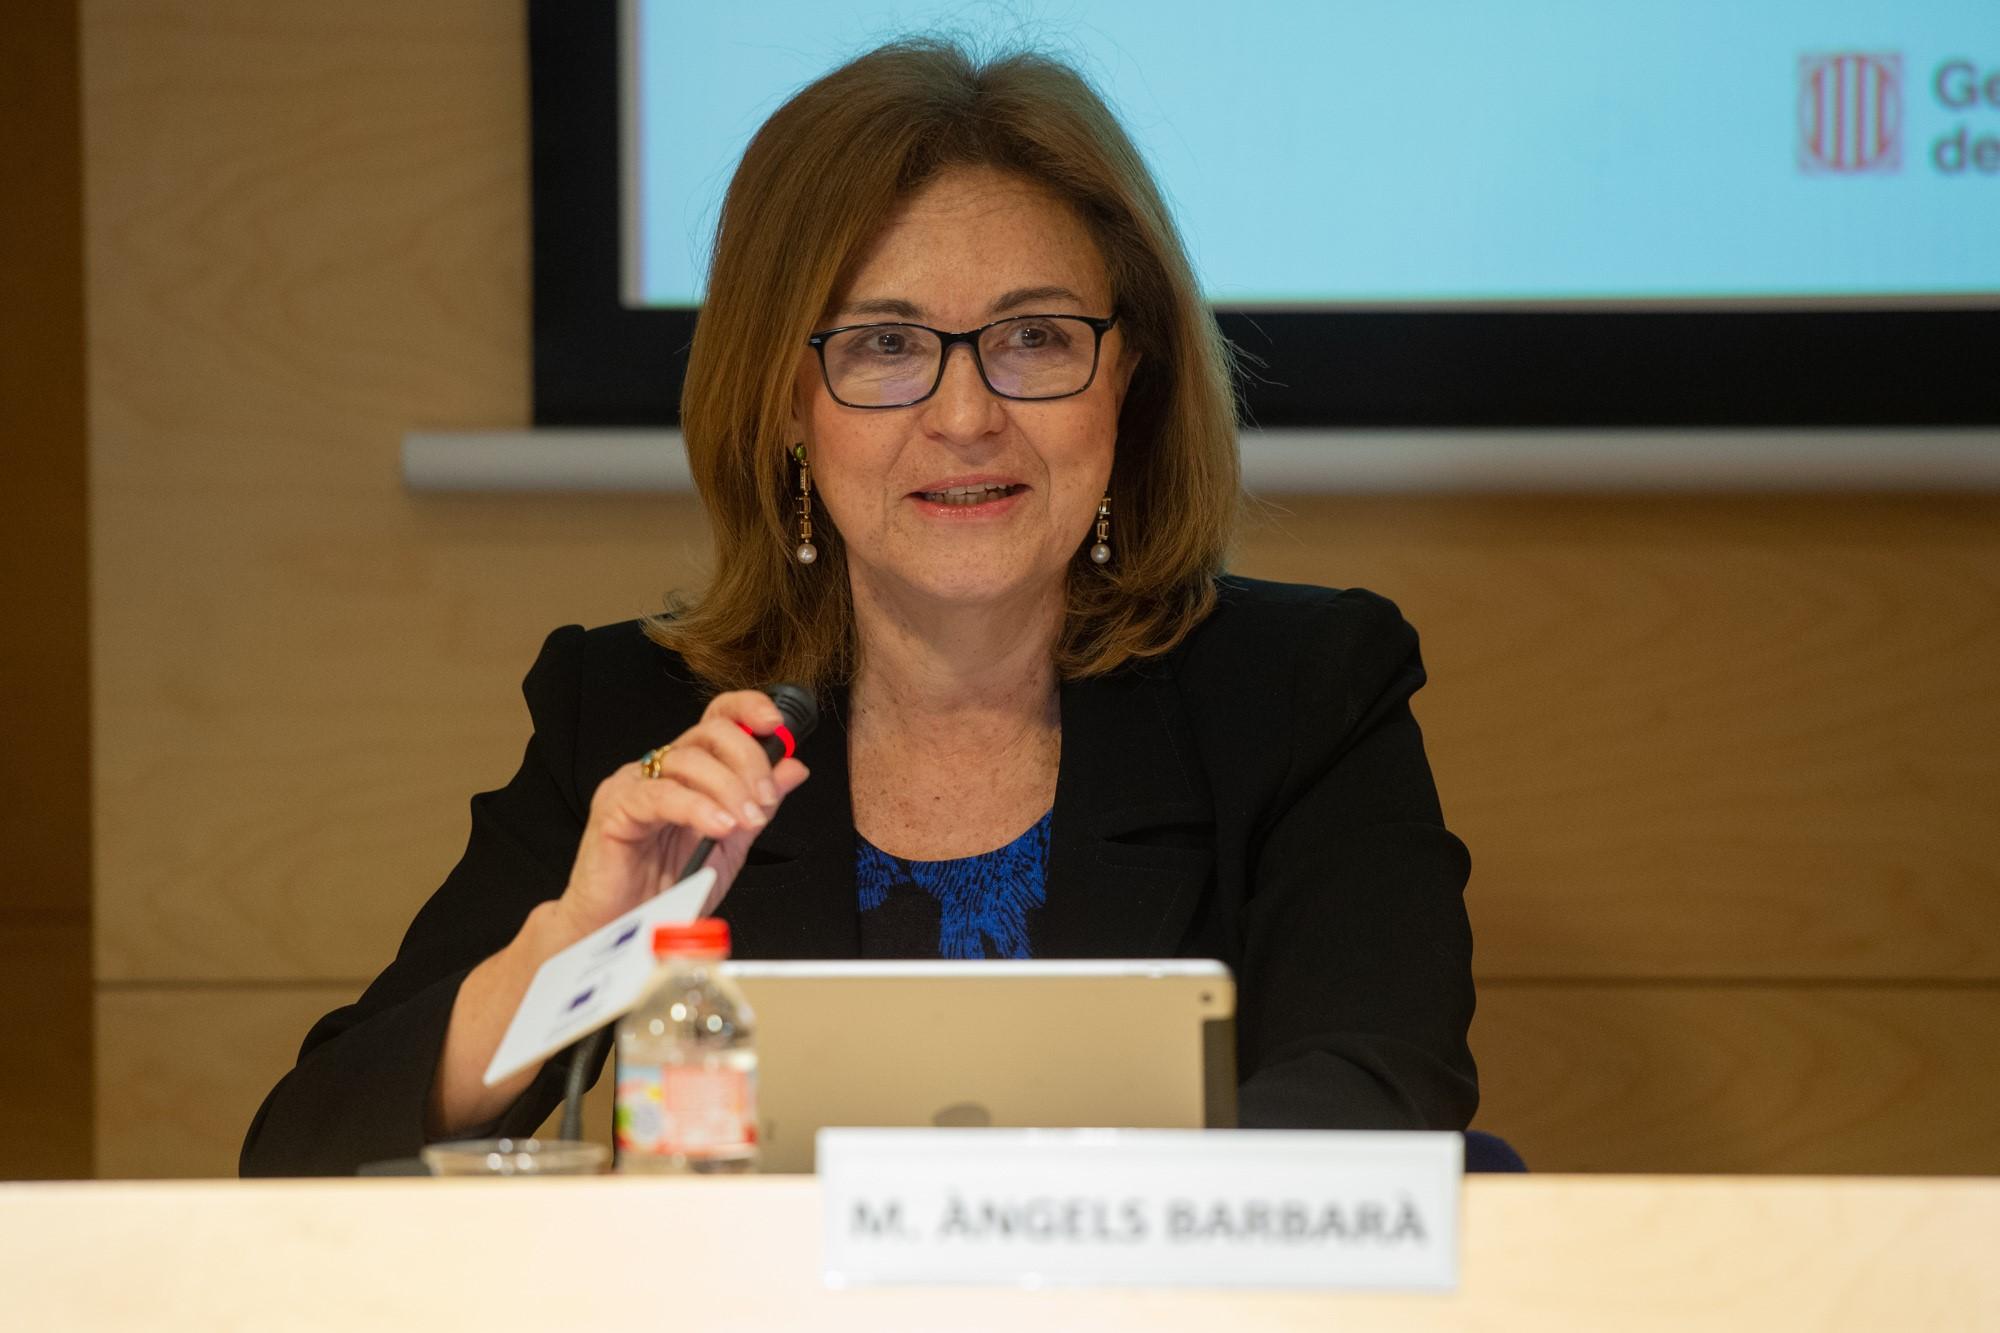 M Àngels Barbarà, director de l'Autoritat de Catalana de Protecció de Dades (APDCAT) / Cedida